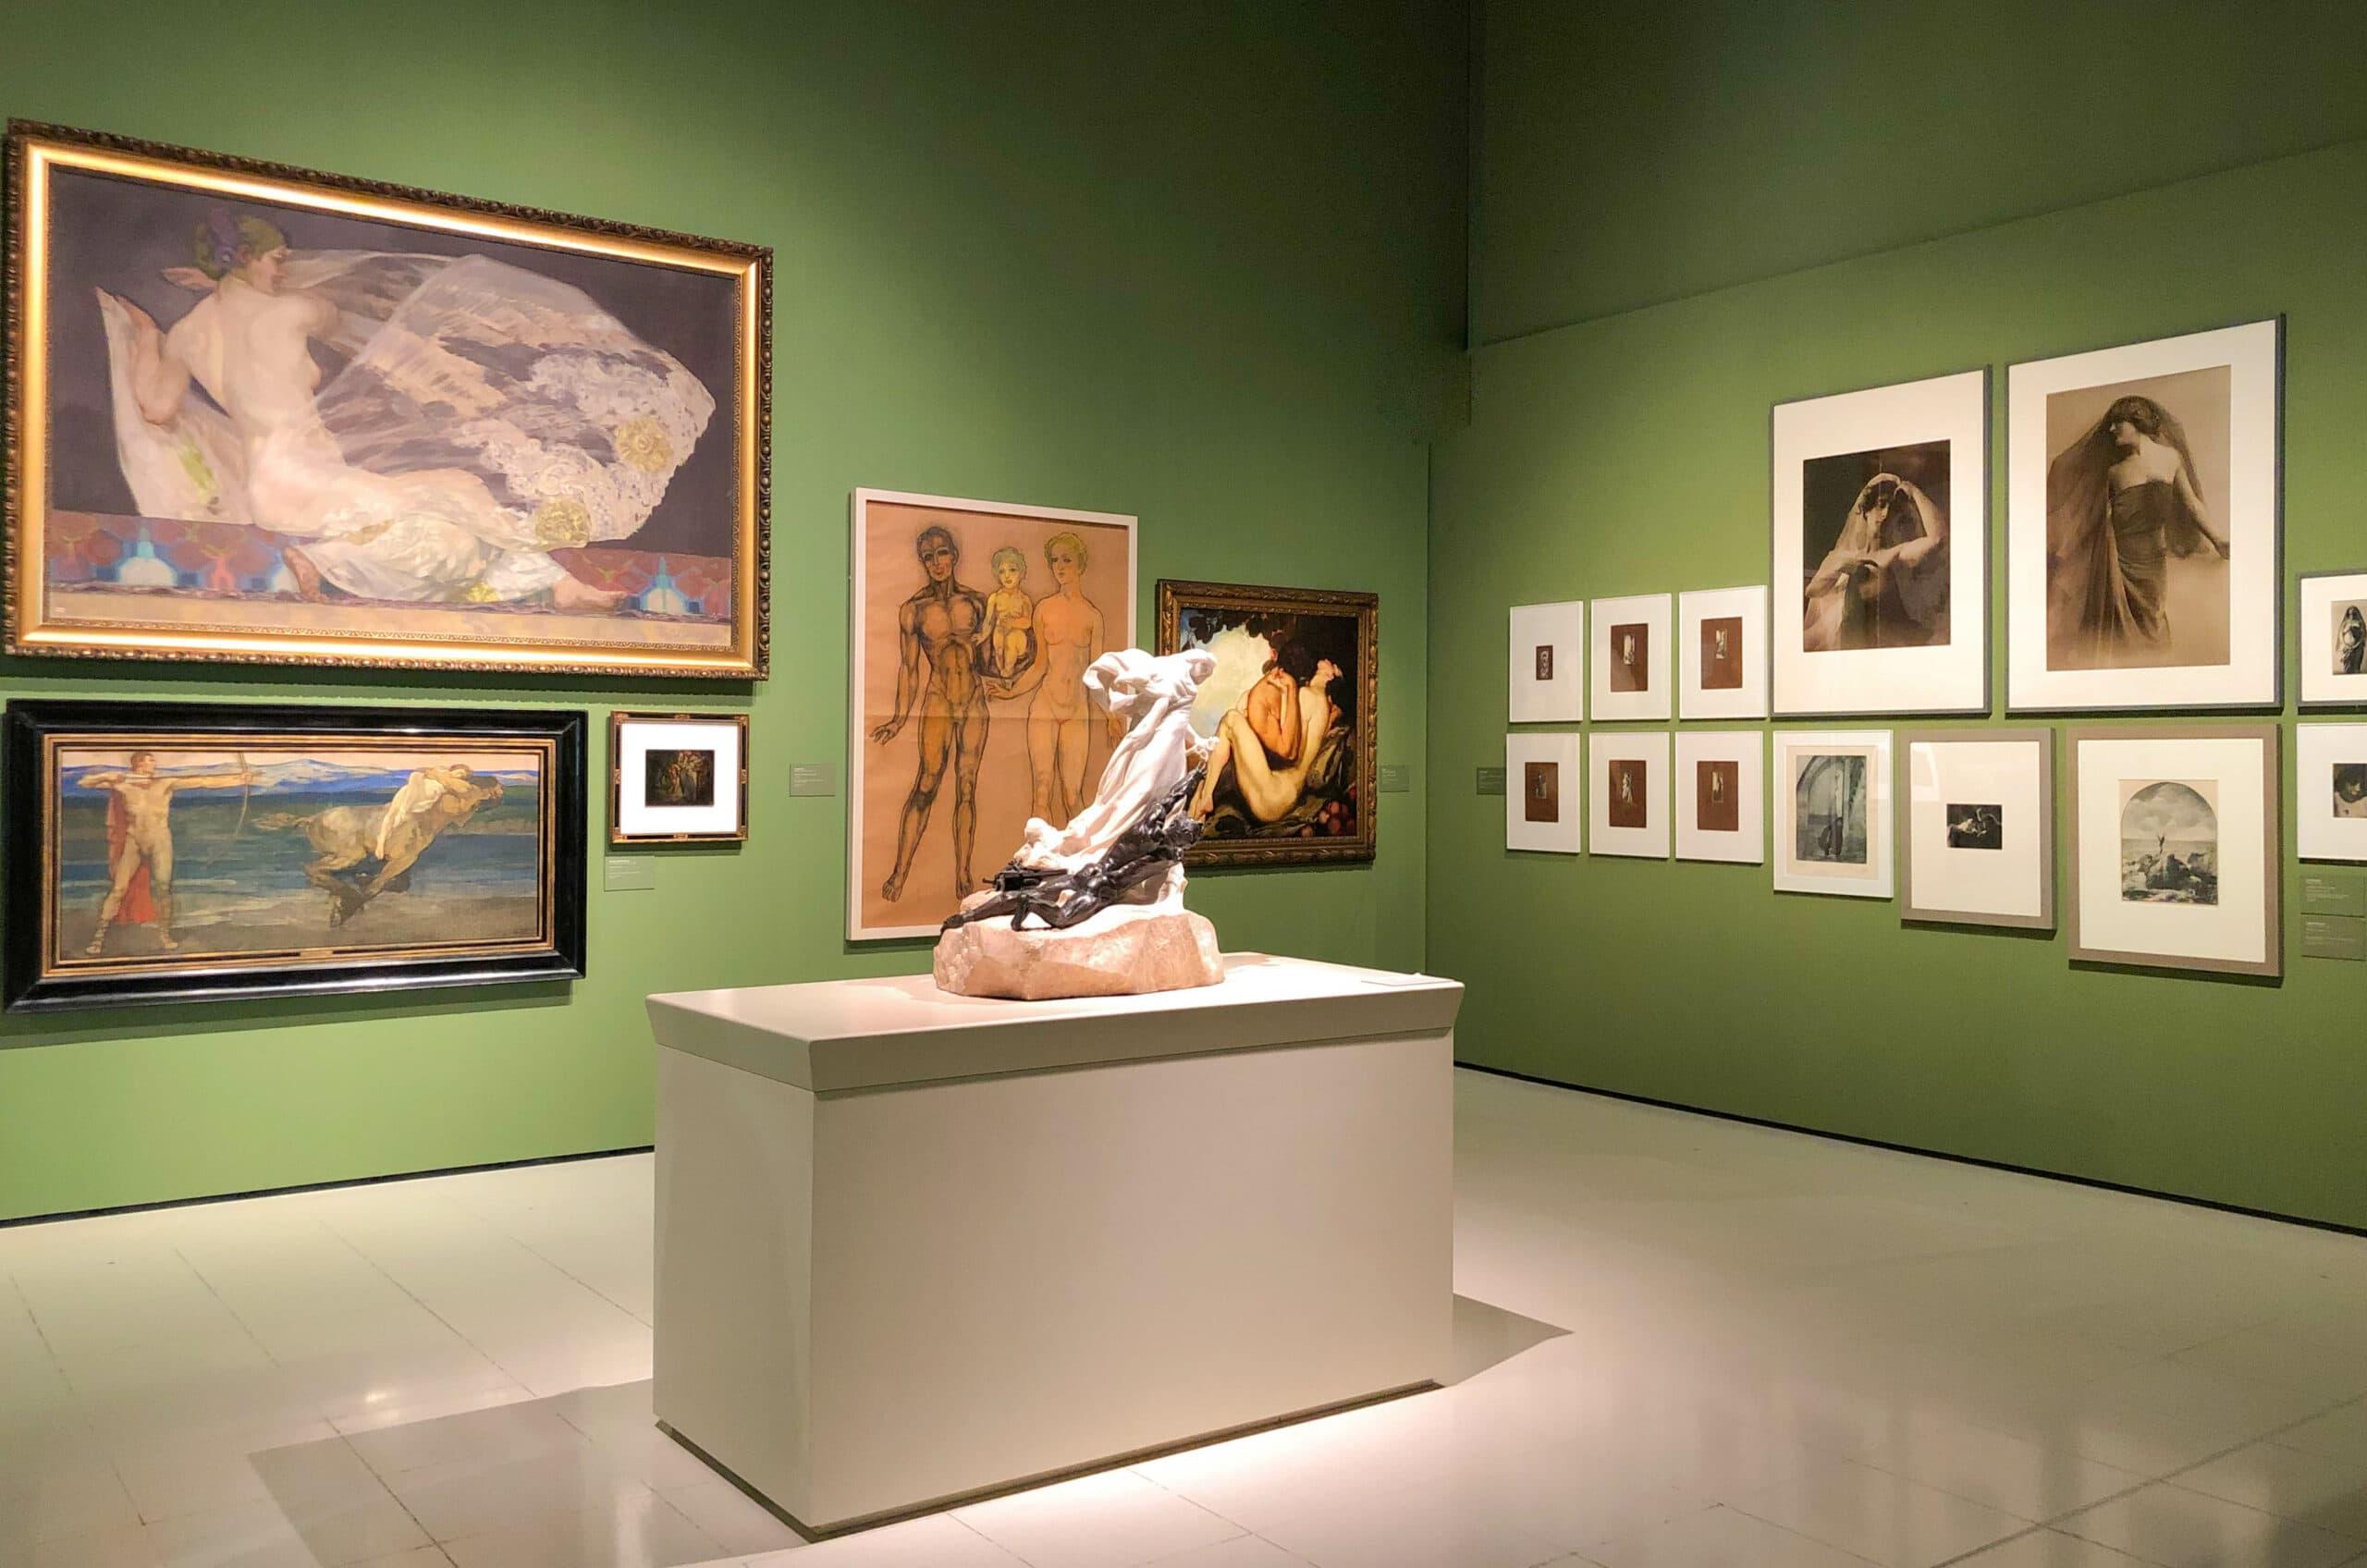 Museu National d'Art de Catalunya (MNAC), Barcelona